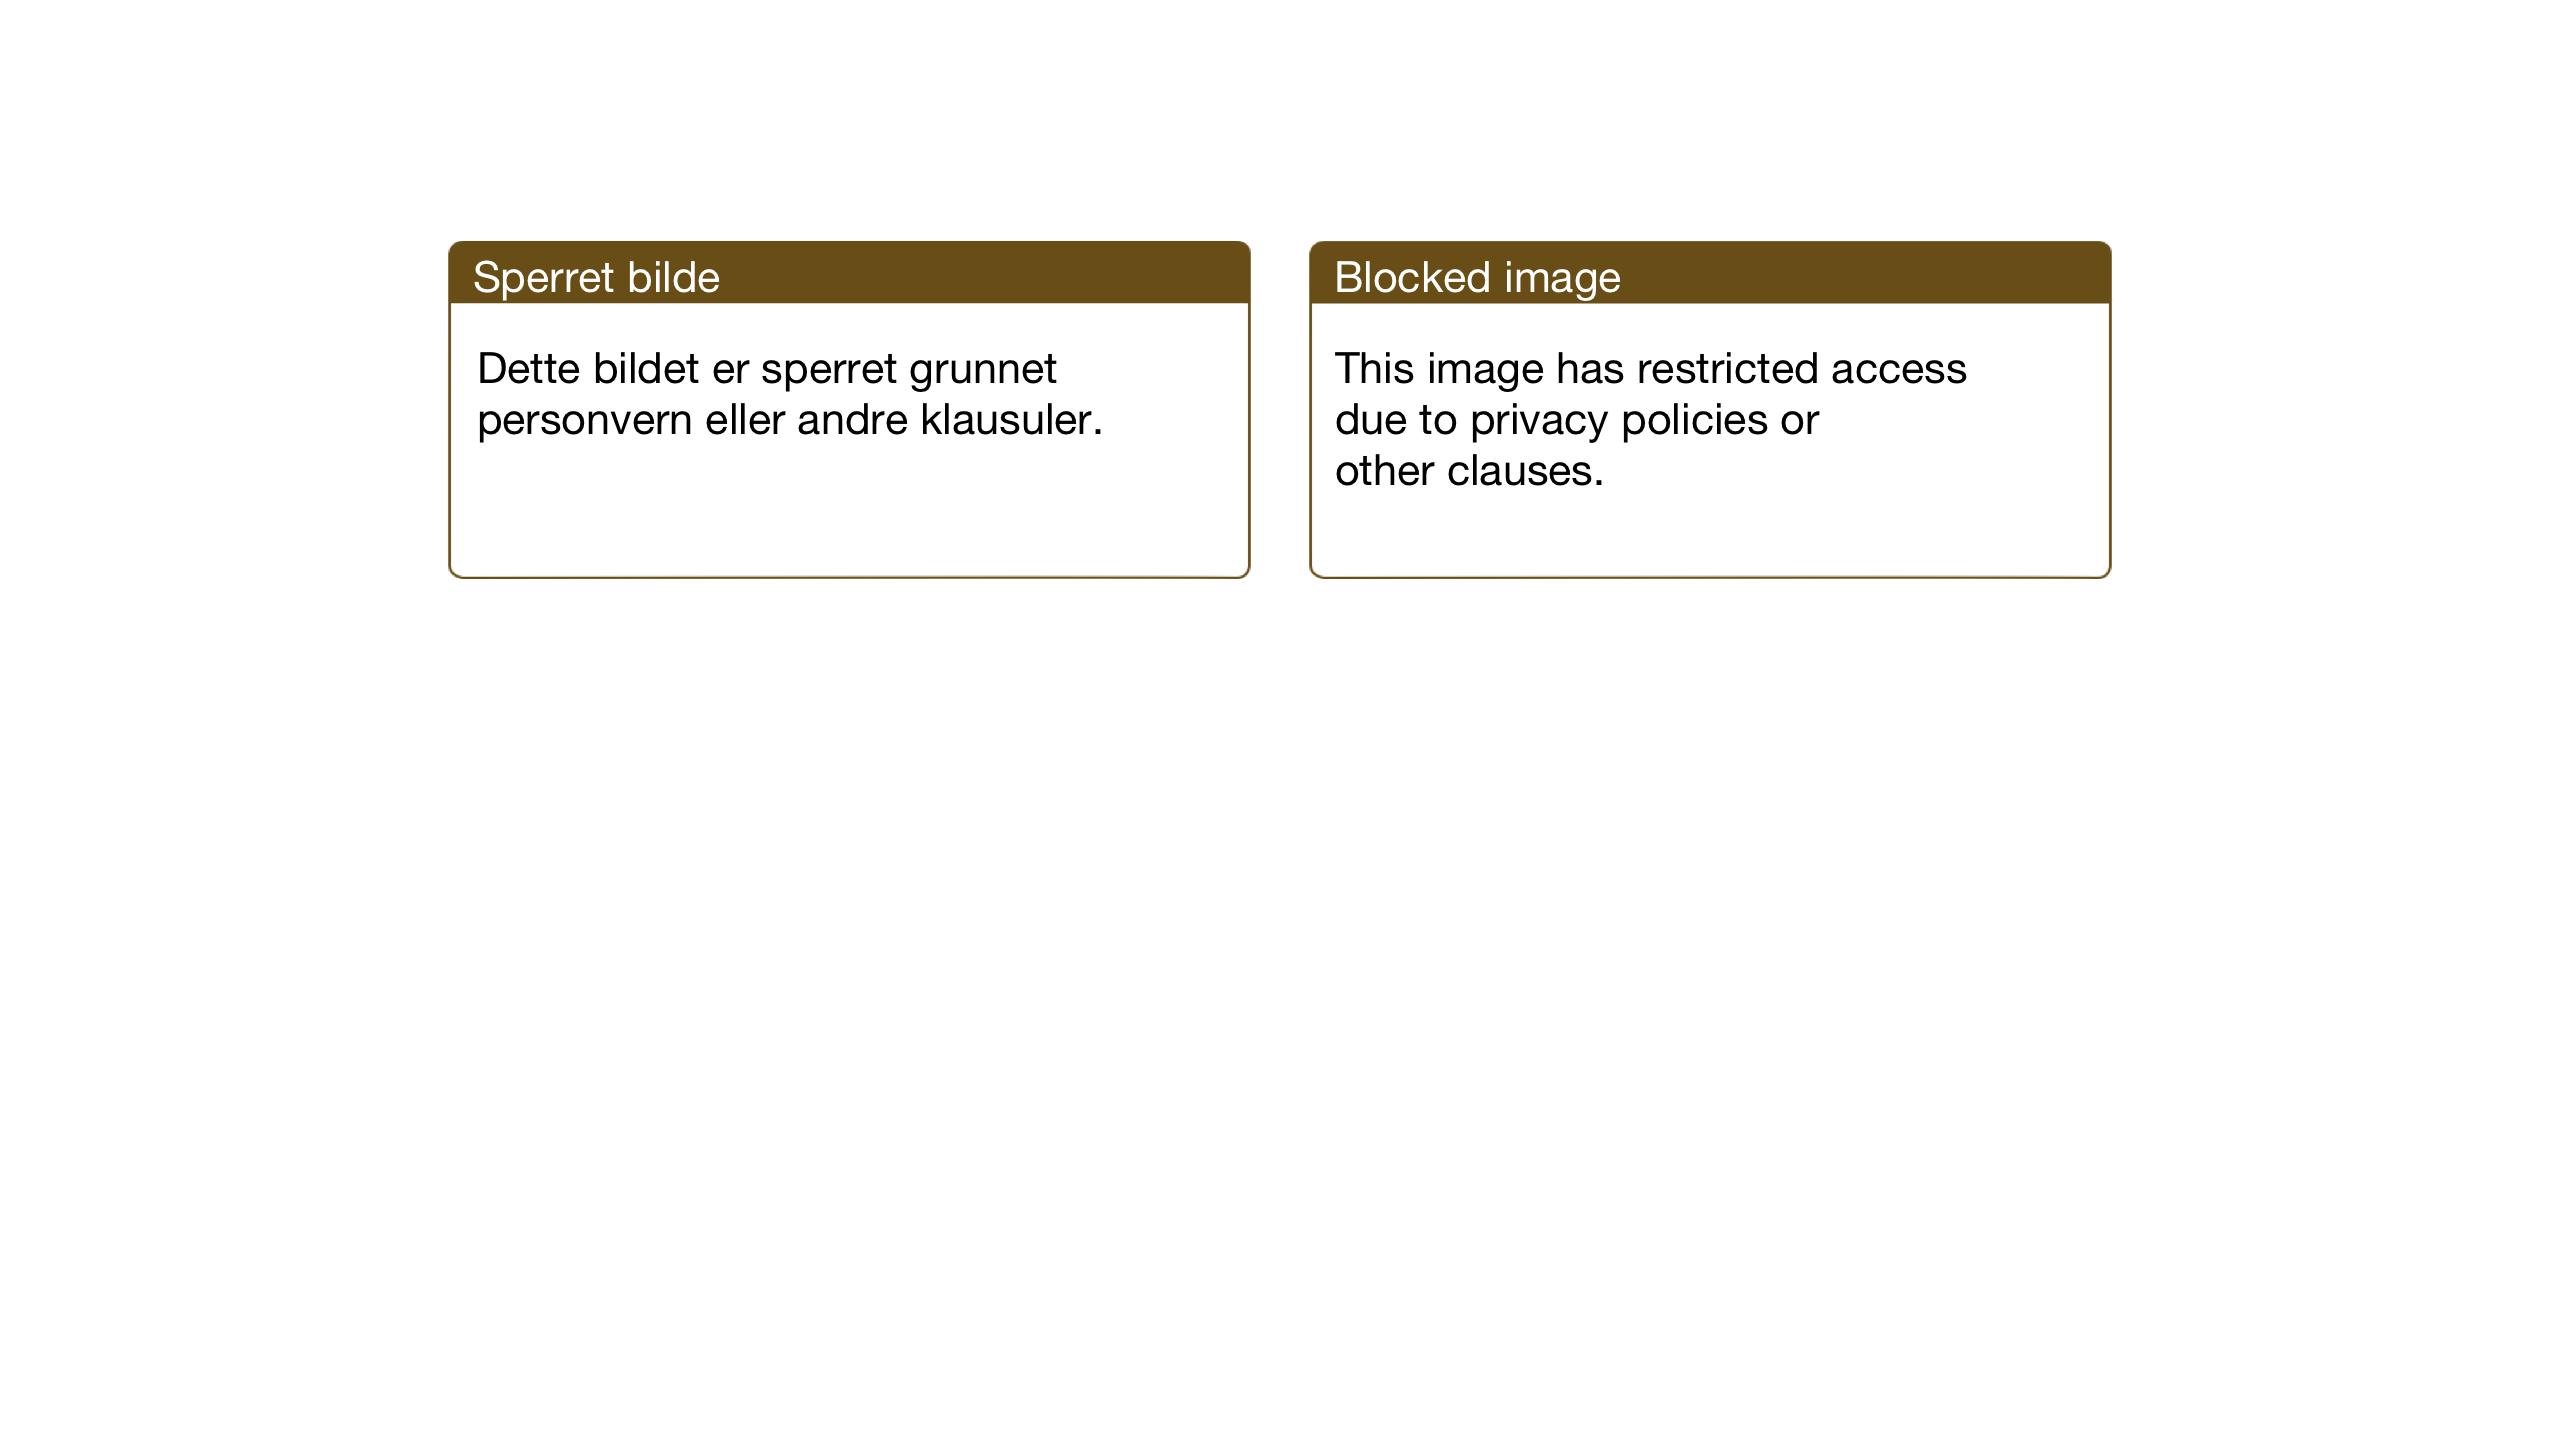 SAT, Ministerialprotokoller, klokkerbøker og fødselsregistre - Sør-Trøndelag, 651/L0648: Klokkerbok nr. 651C02, 1915-1945, s. 154